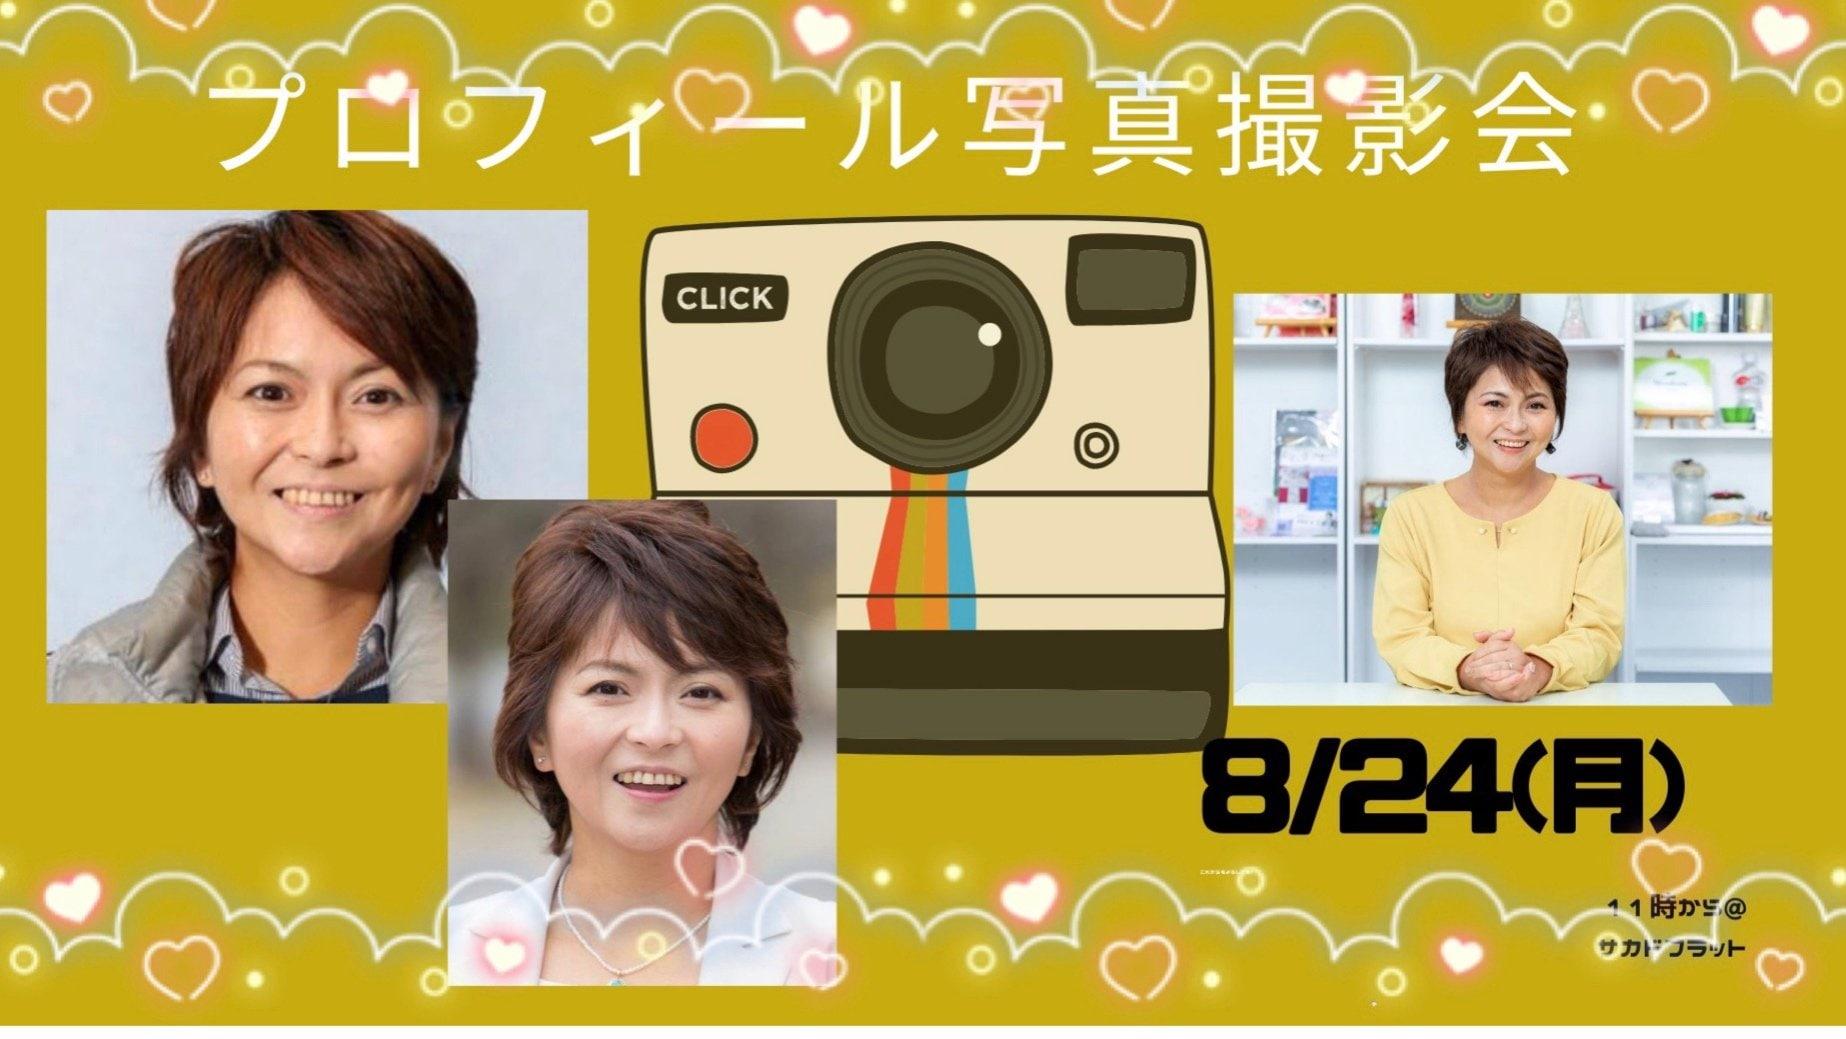 [グループ専用]夏のプロフィール写真撮影会を開催いたします!@坂戸のレンタルスペースサカドフラットのイメージその1